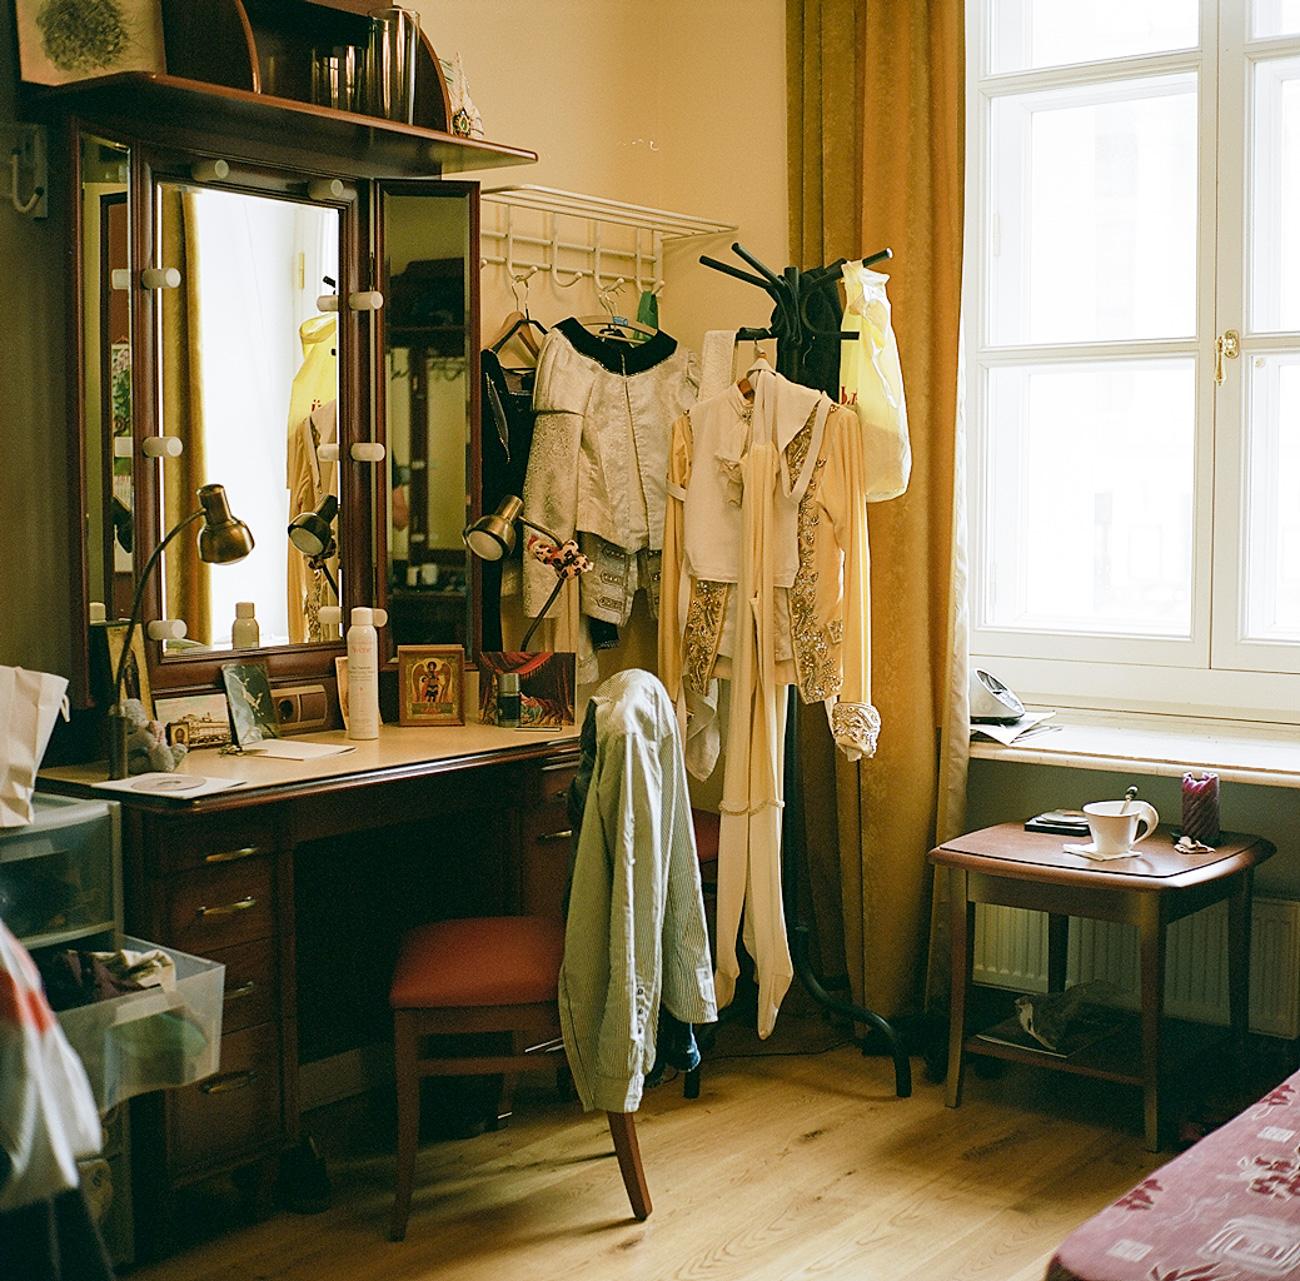 Anche la realizzazione dei costumi per i balletti richiede un grande lavoro di manualità e professionalità. Il Bolshoj possiede infatti un proprio atelier per la produzione dei costumi. L'orchestra del Bolshoj è poi la più grande e più antica di tutto il Paese e conta più di 250 musicisti